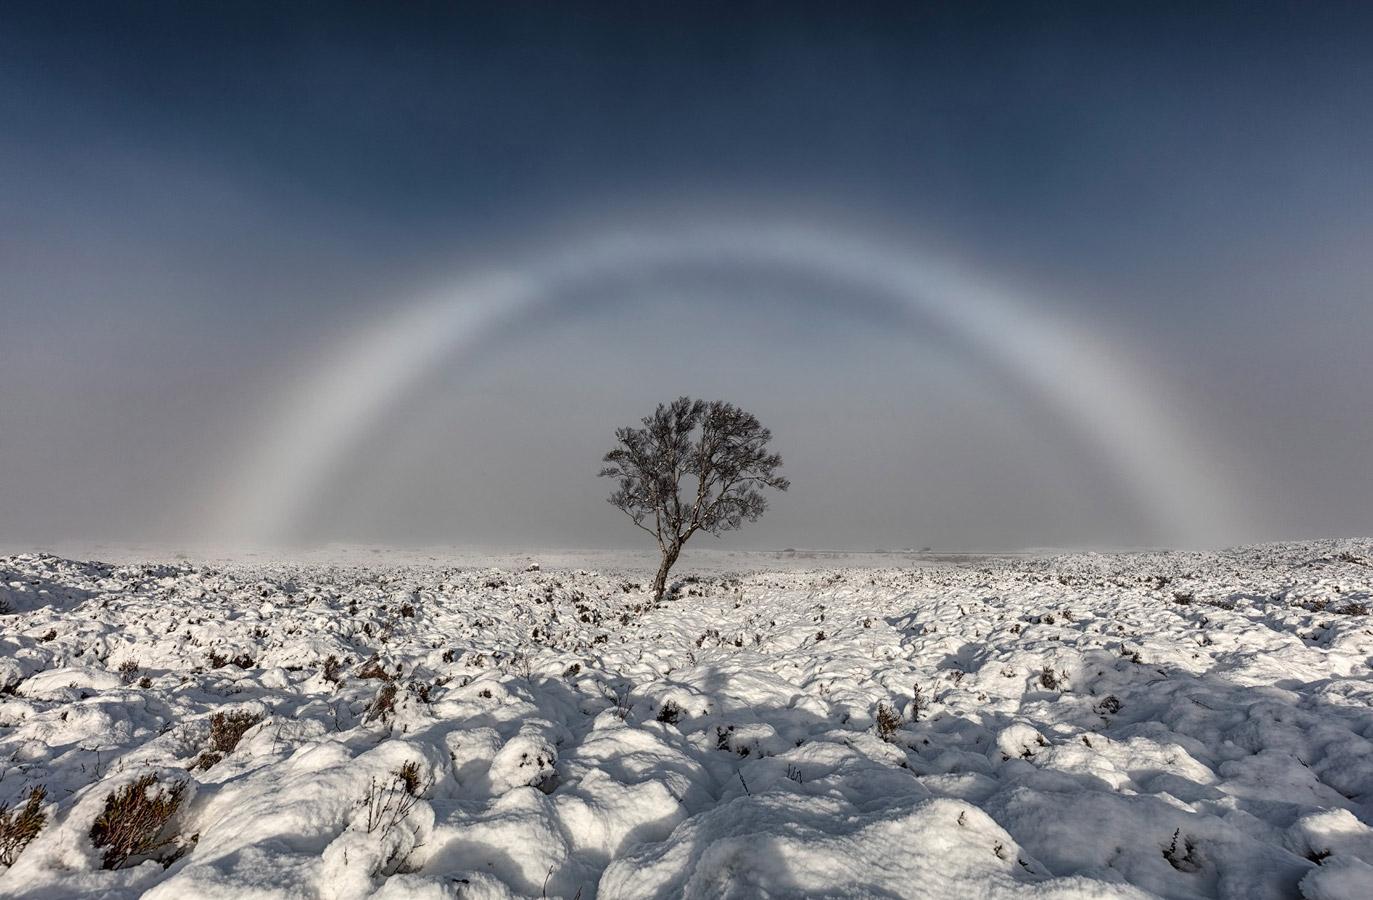 Мелвин Николсон / Melvin Nicholson, Фотоконкурс RMetS / RPS Weather